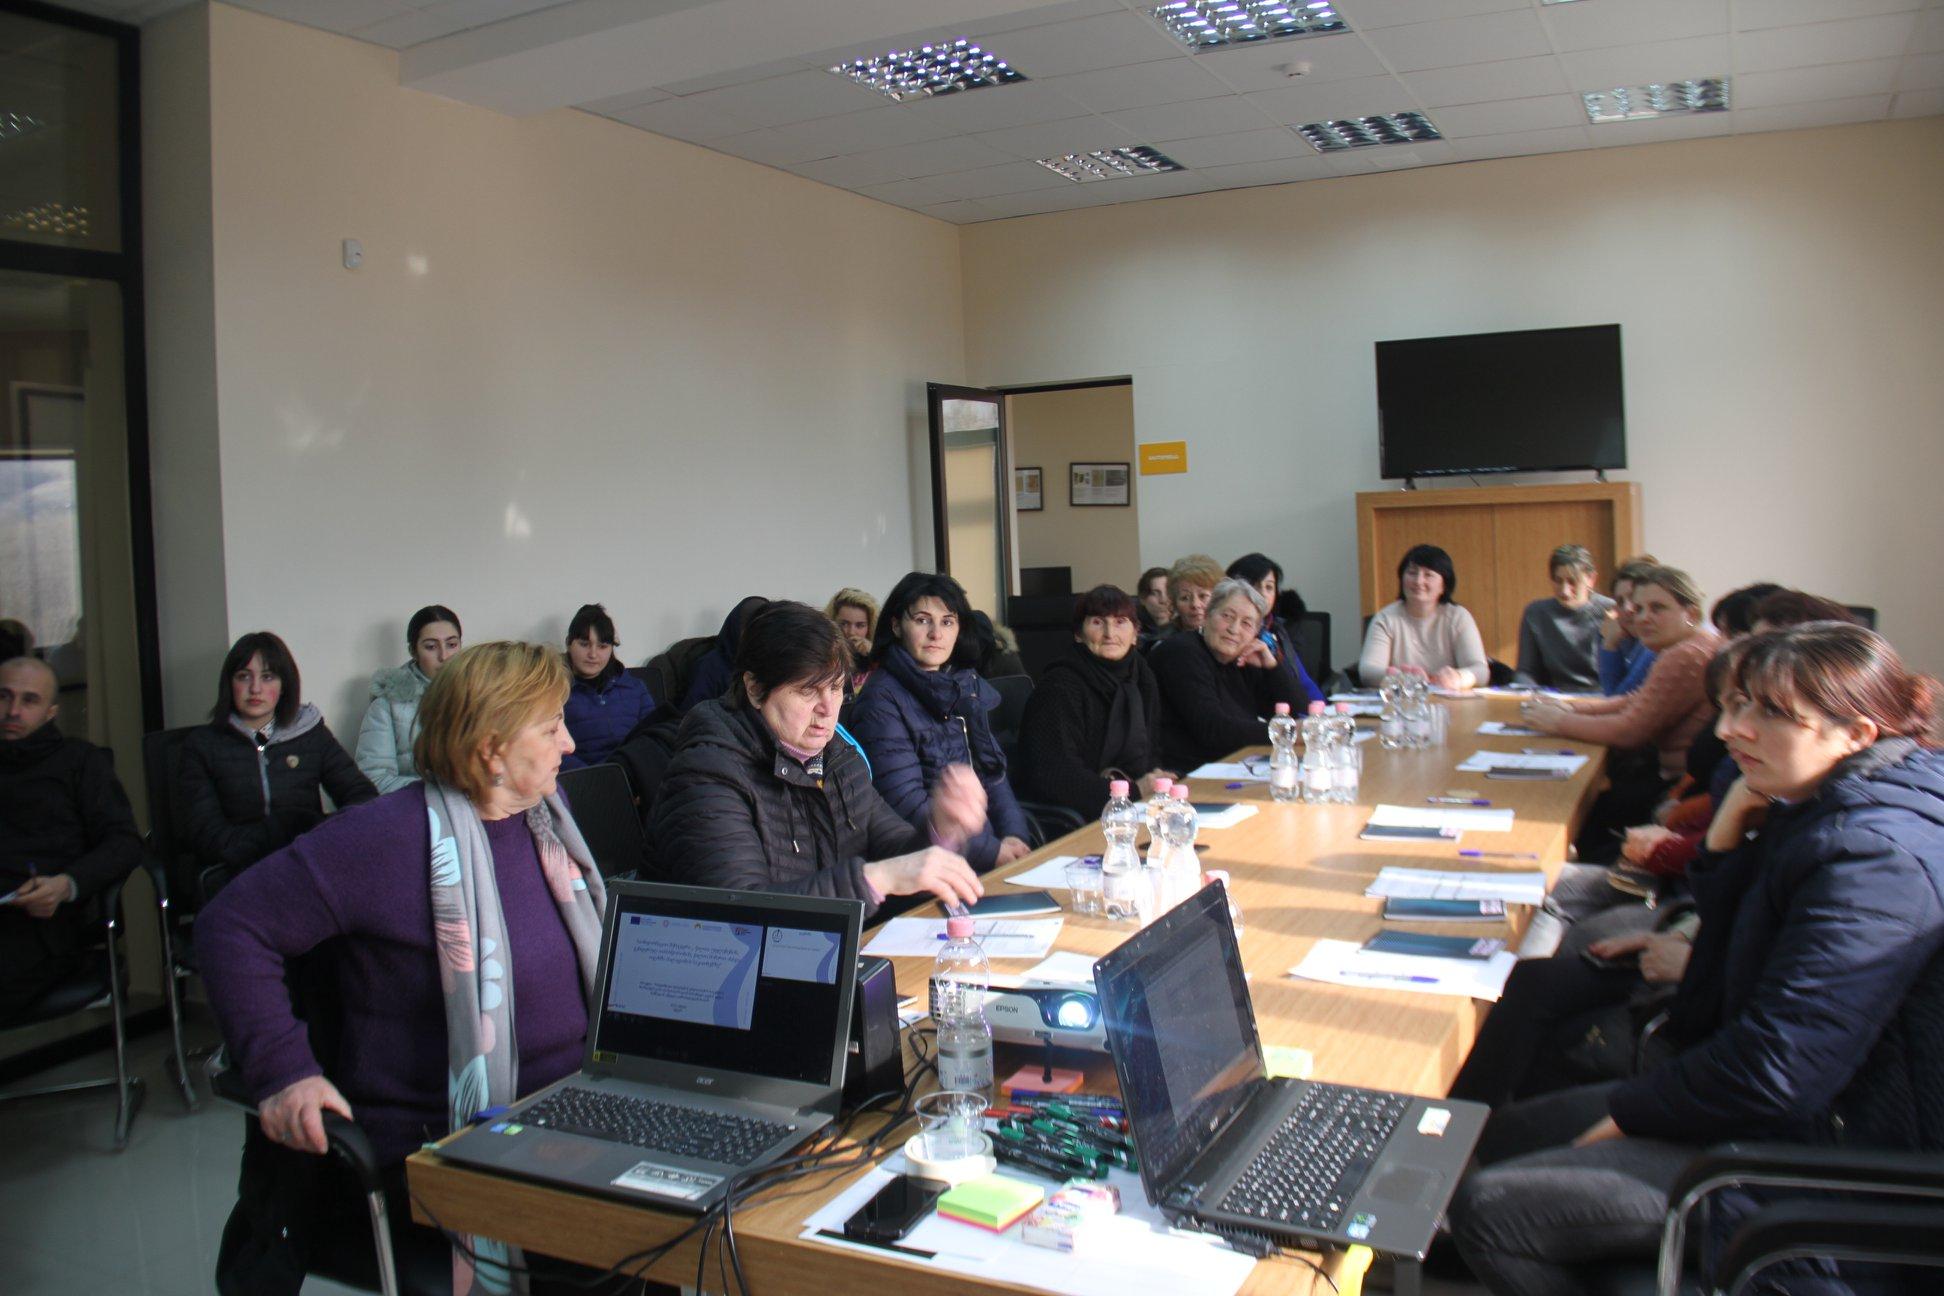 საინფორმაციო შეხვედრა ქალთა უფლებებზე და გენდერულ თანასწორობაზე